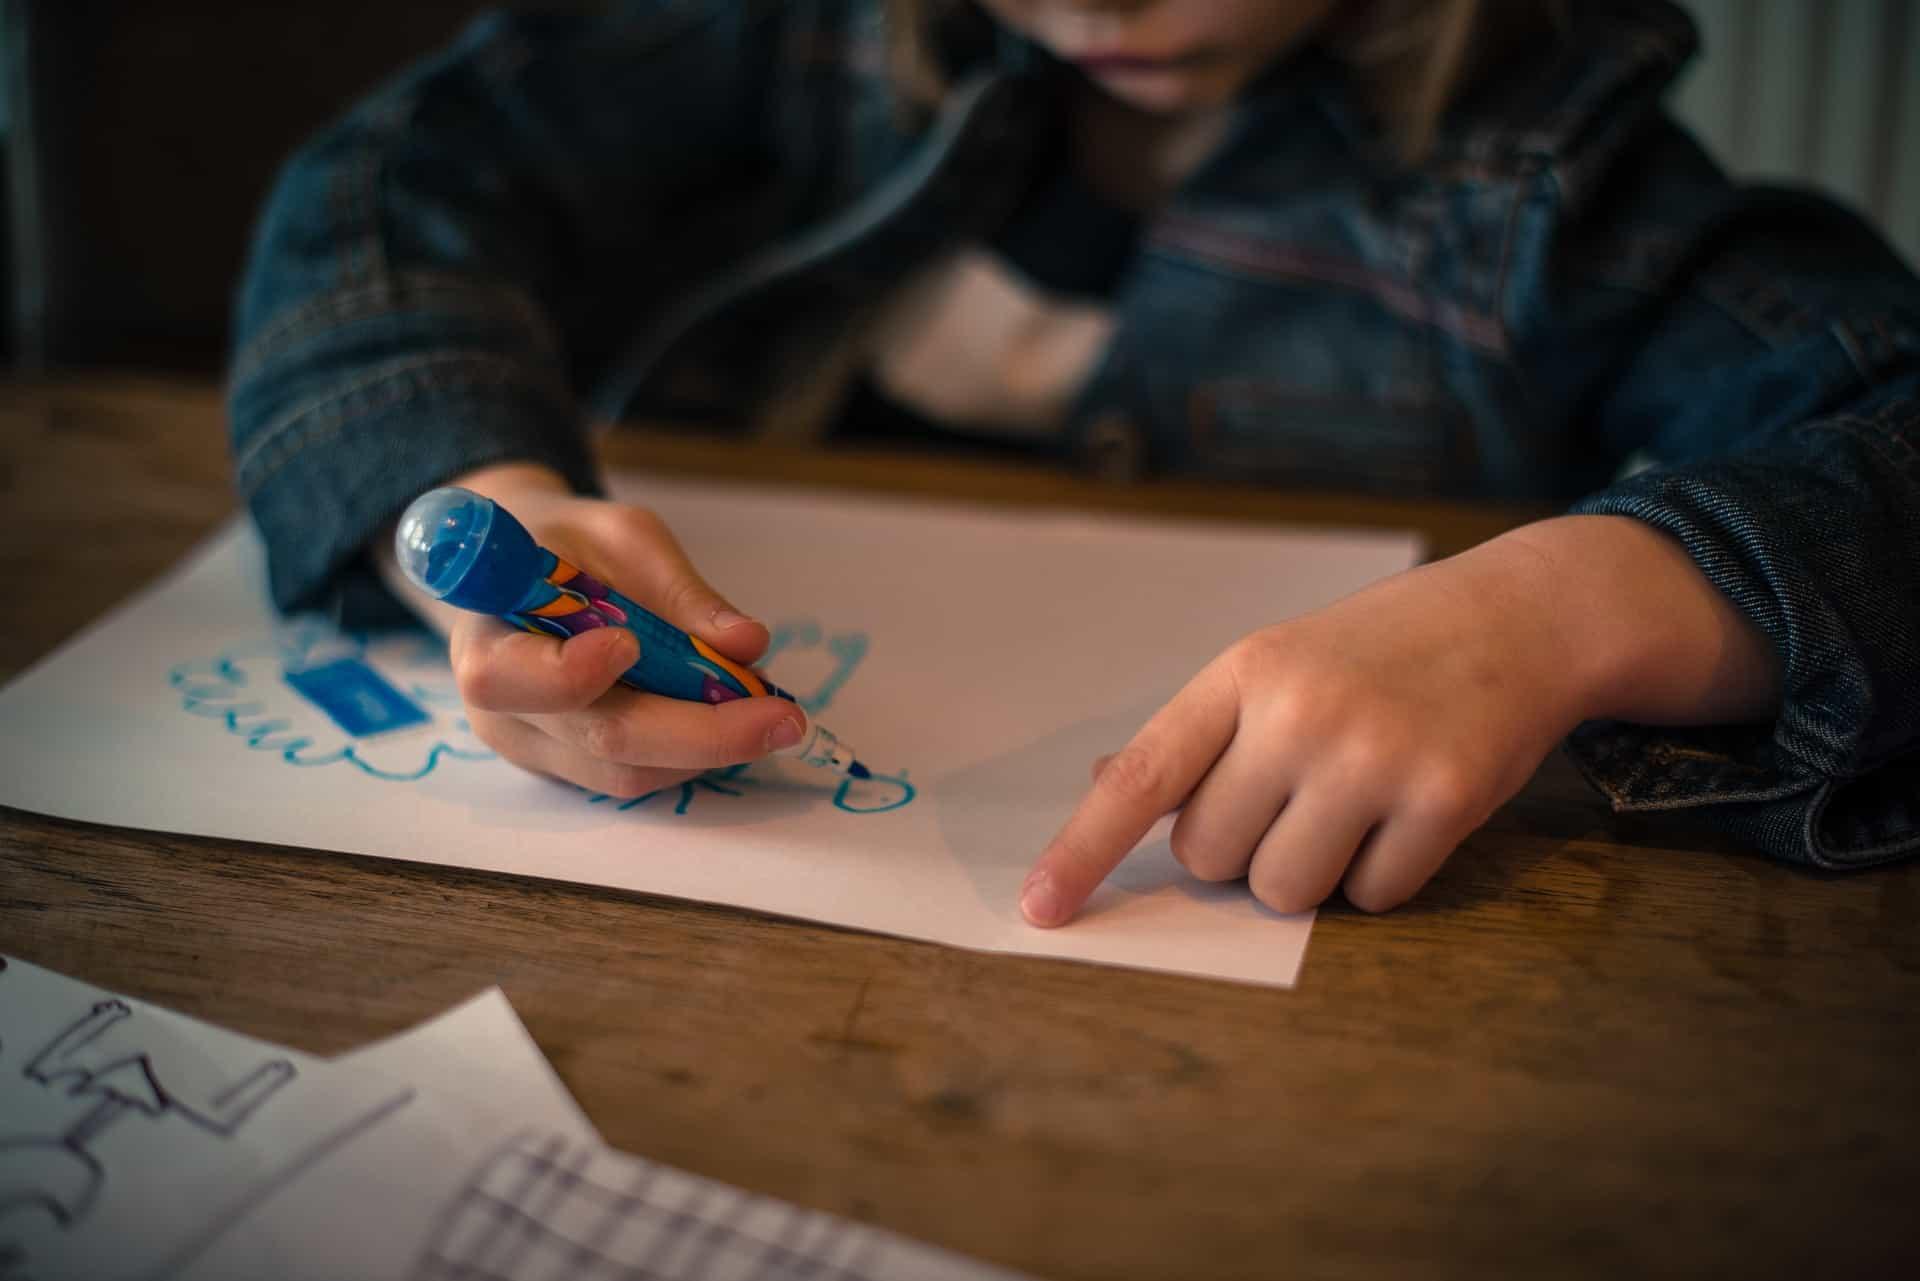 Imagem de criança desenhando em papel com uma caneta hidrográfica azul sobre mesa de madeira.